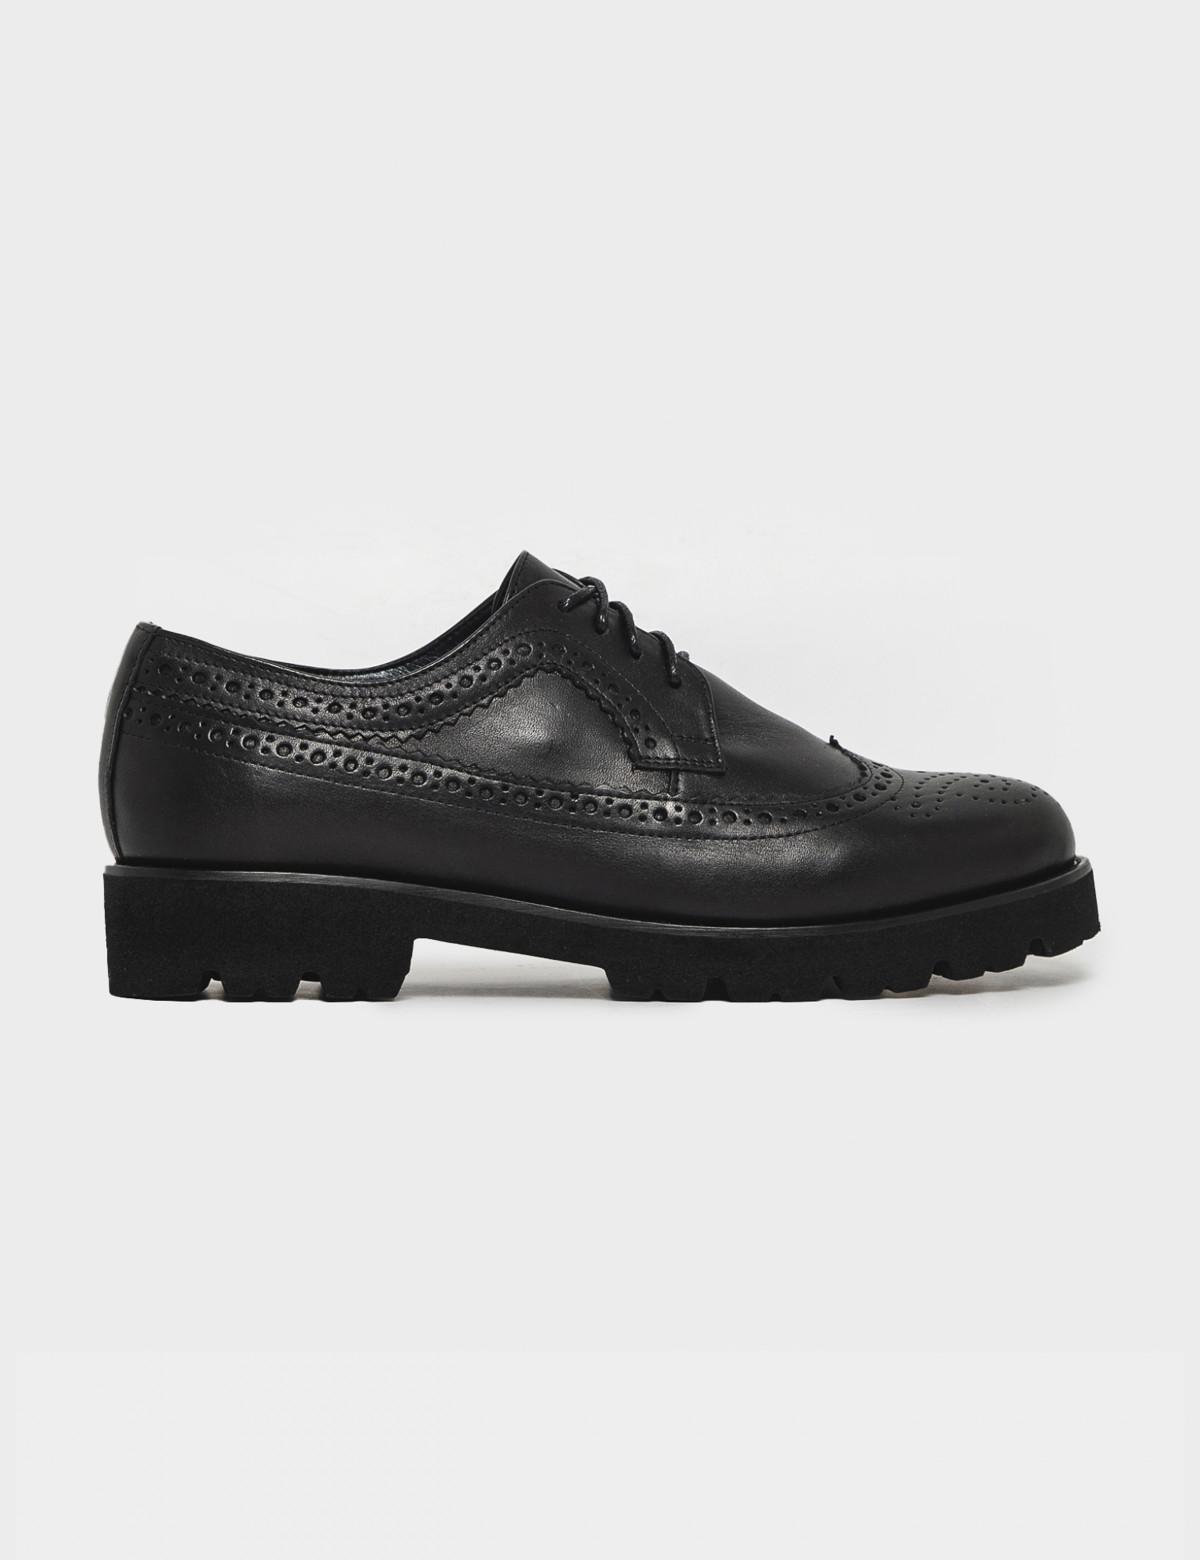 Туфли черные. Натуральная кожа